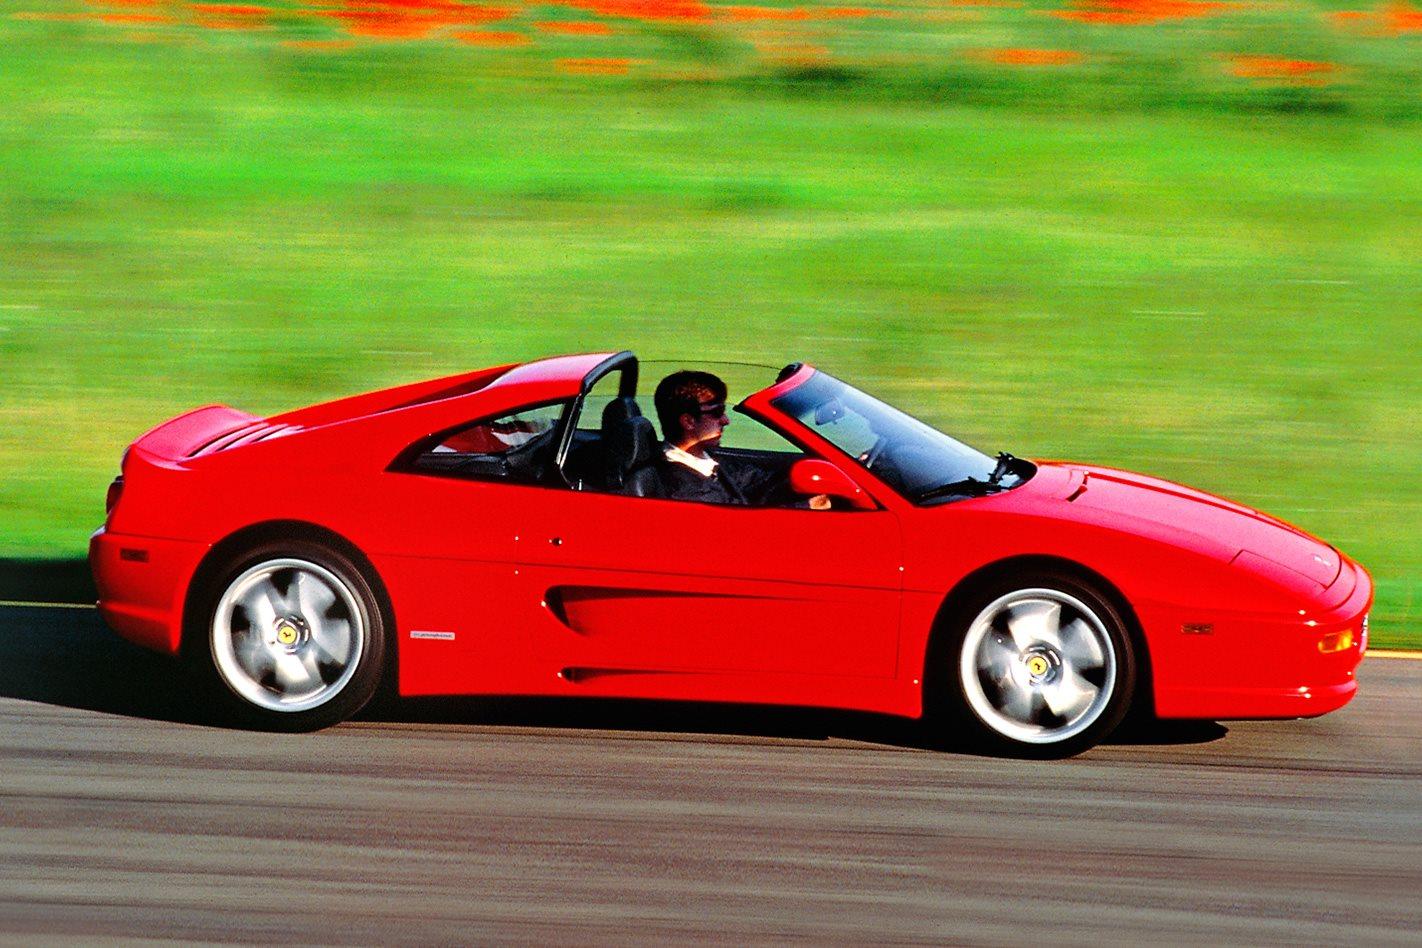 Ferrari F355 GTS - Goldeneye (1995)